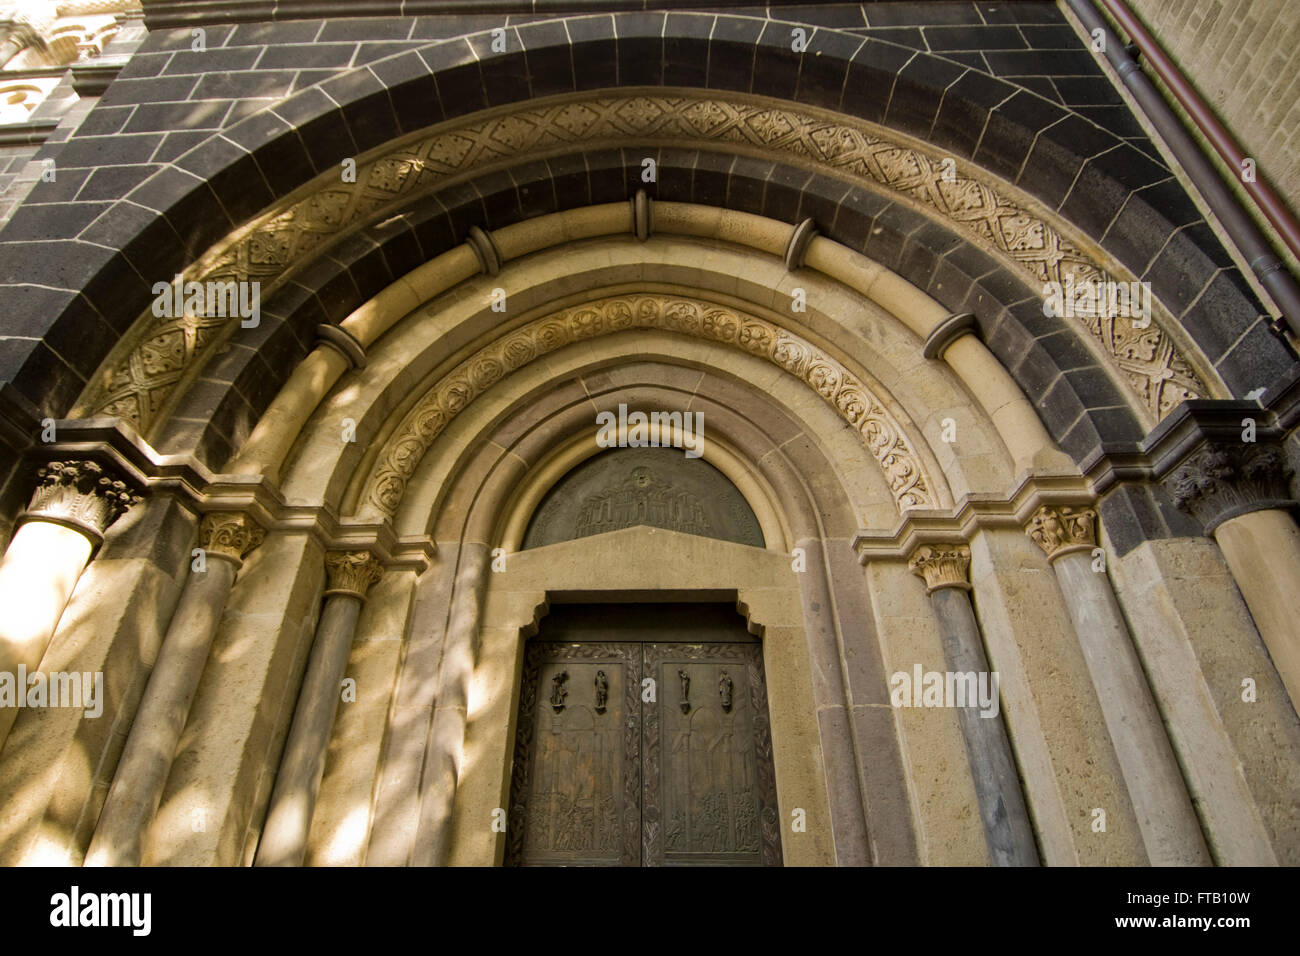 Neuss, Quirinusmünster, eine der bedeutendsten spätromanischen Kirchen am Niederrhein, Südportal - Stock Image